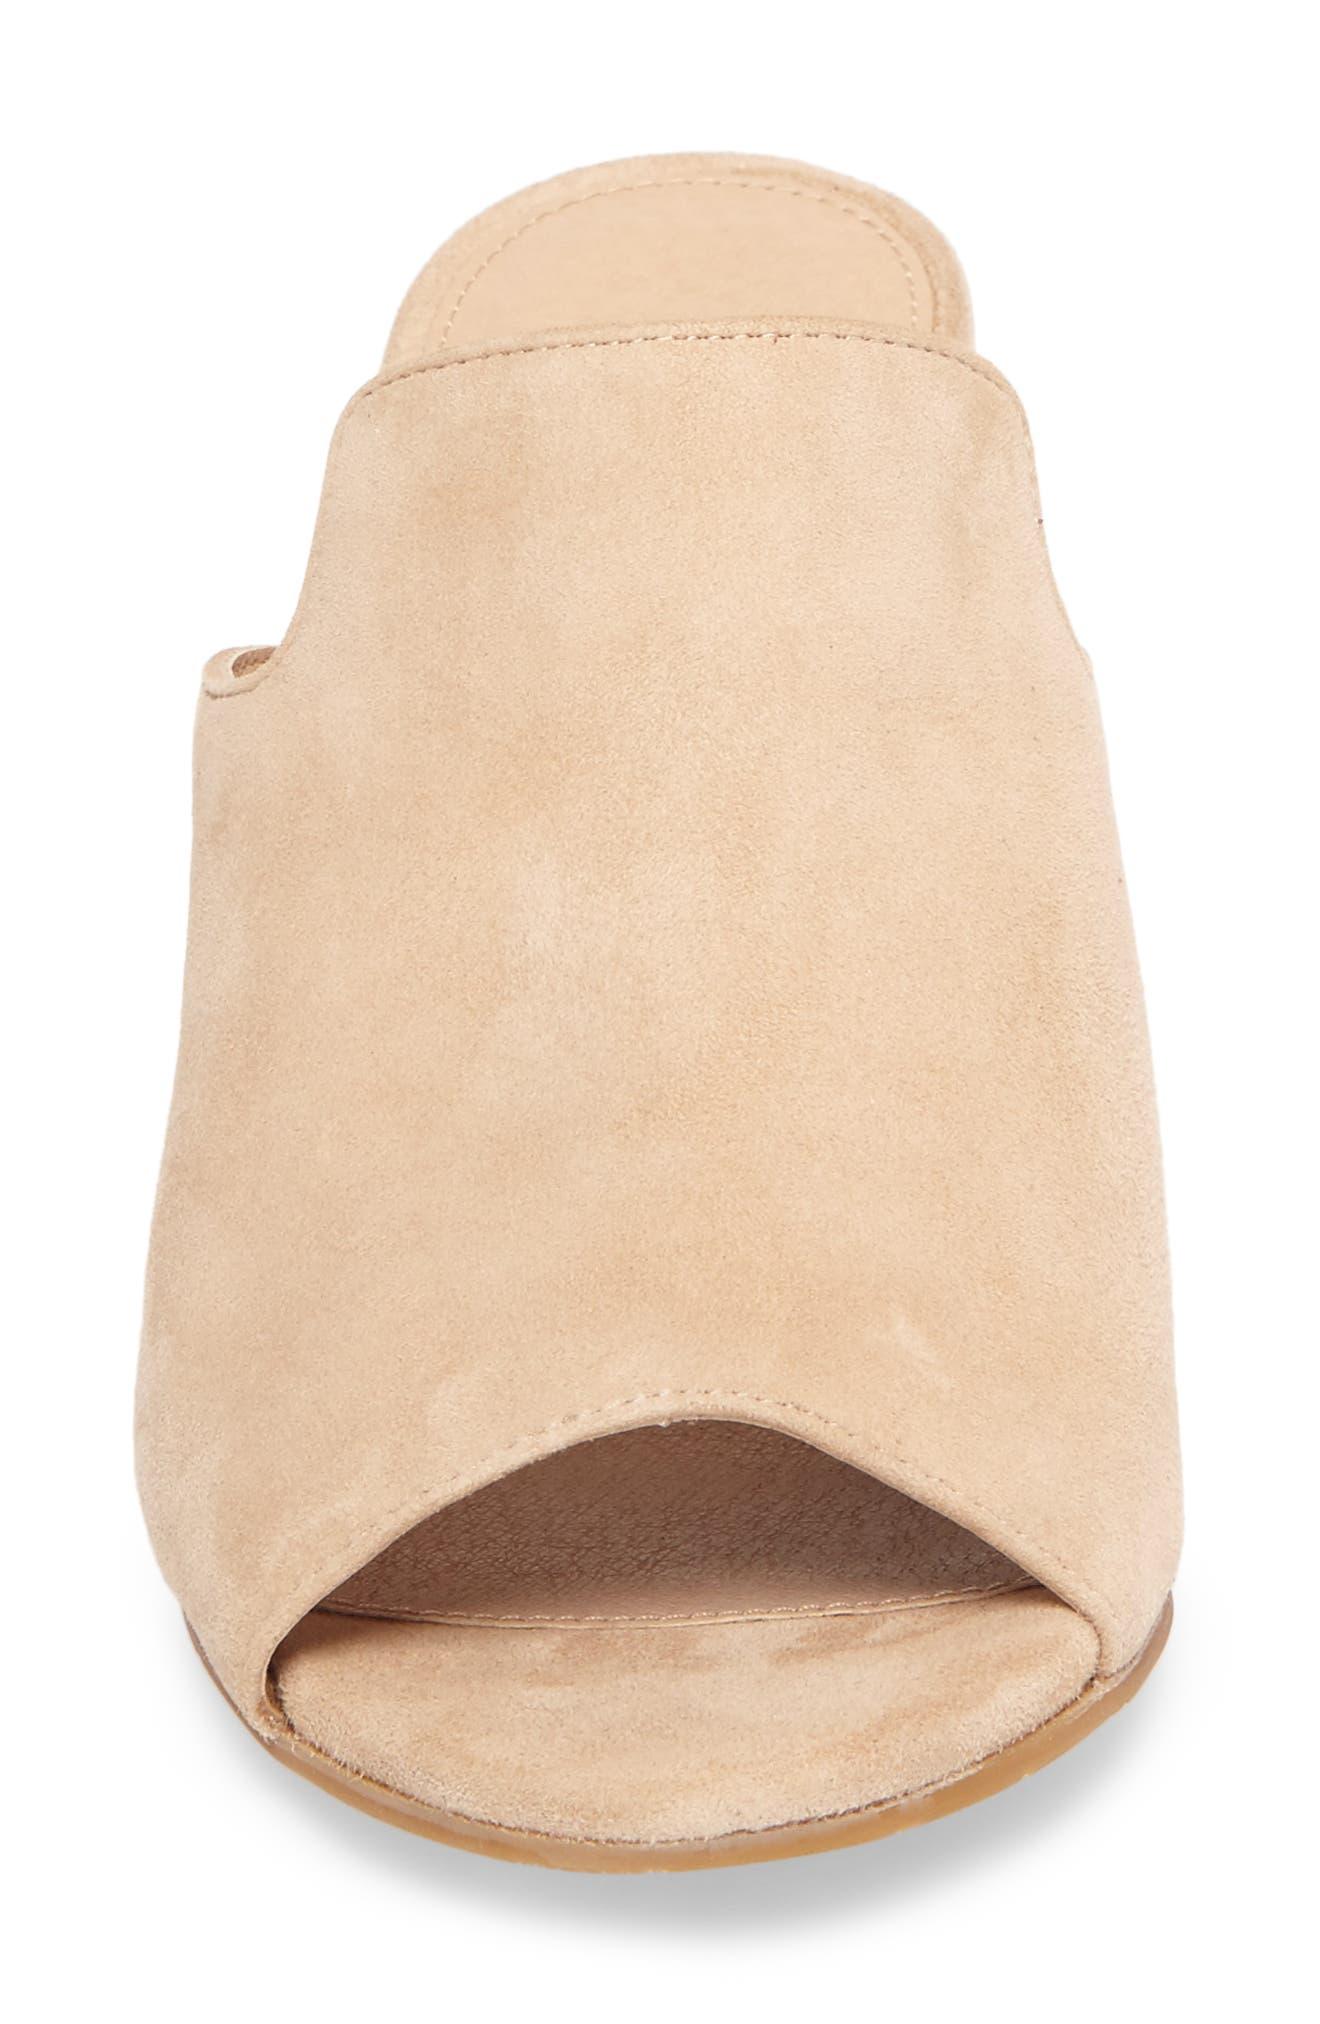 Blair Peep Toe Mule,                             Alternate thumbnail 4, color,                             Sand Leather